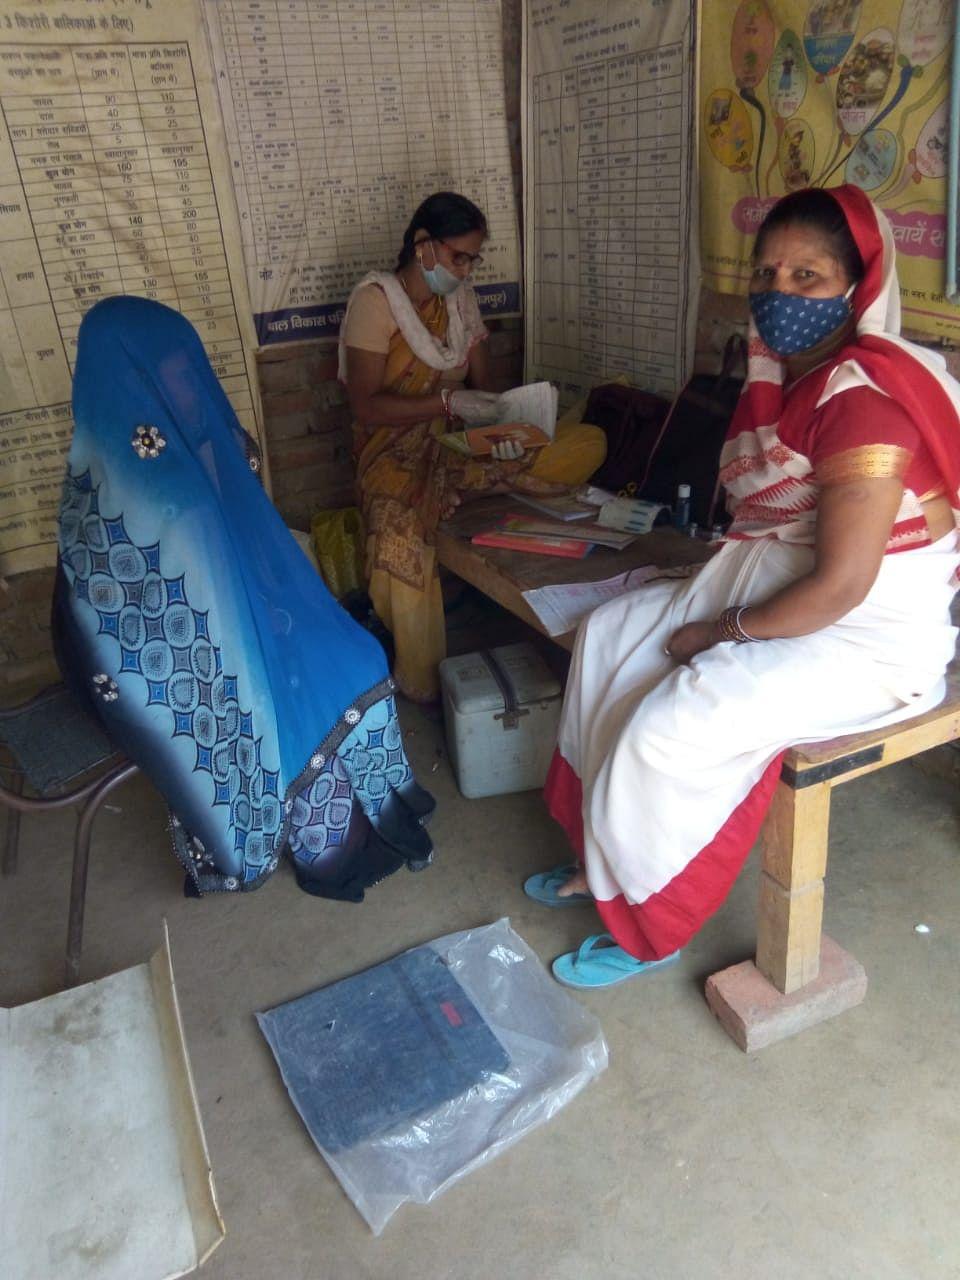 भोजपुर के डीएम और आईसीडीएस की डीपीओ के निर्देश पर आंगनबाड़ी की पर्यवेक्षिकाएँ चला रही जागरूकता अभियान